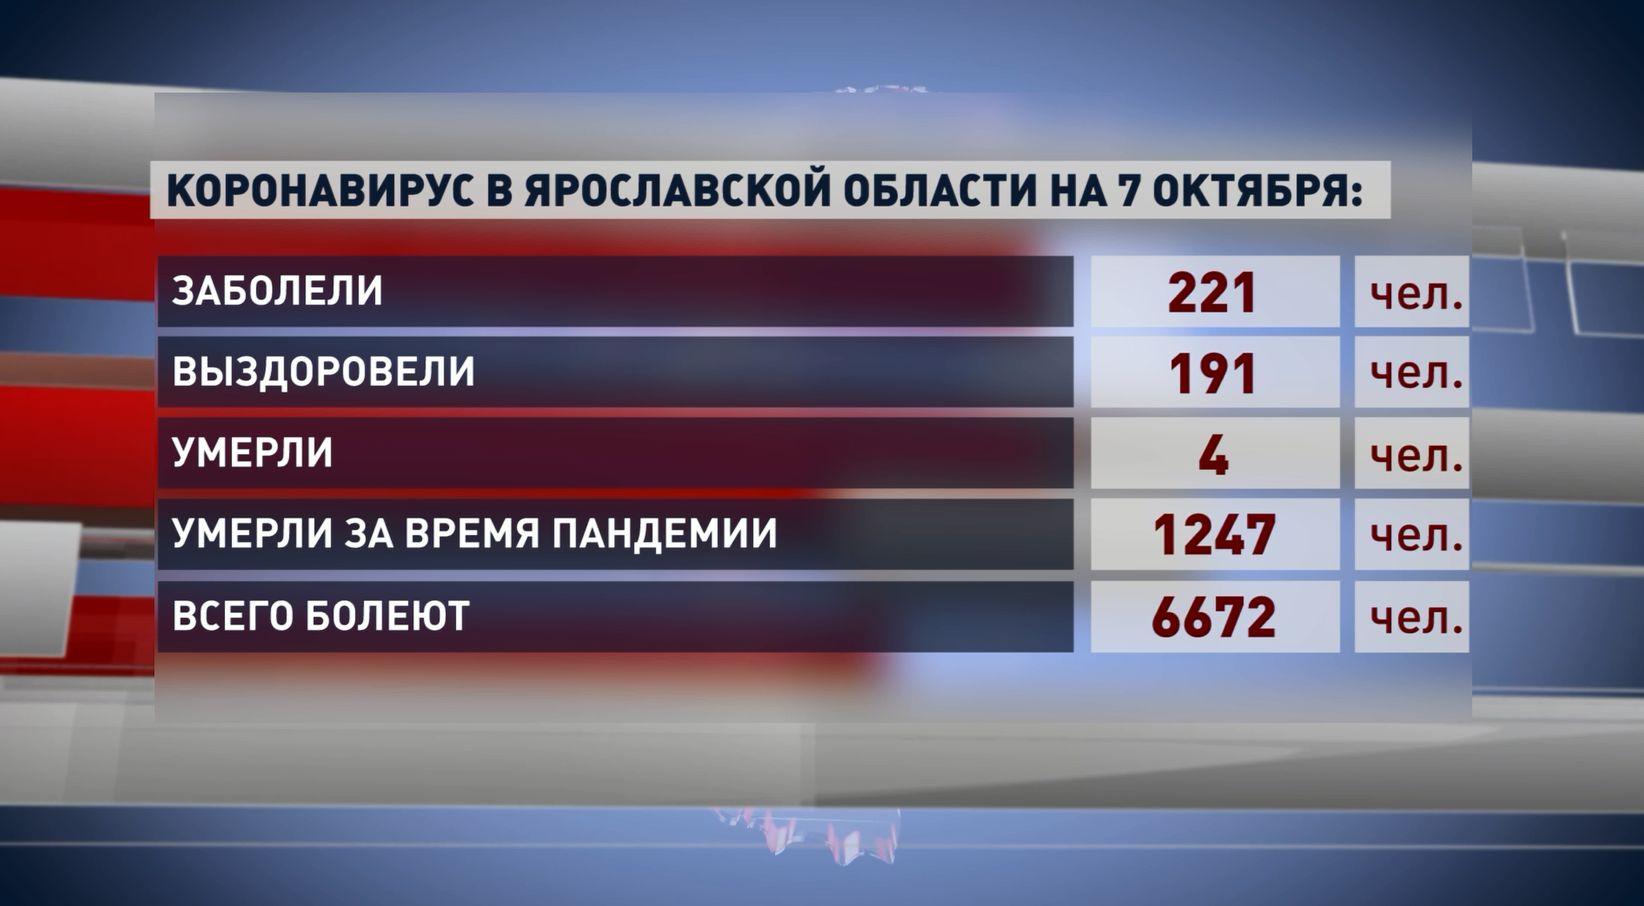 В больницах Ярославской области развернуты под ковид около 3 000 коек - это больше, чем на пике пандемии в прошлом году